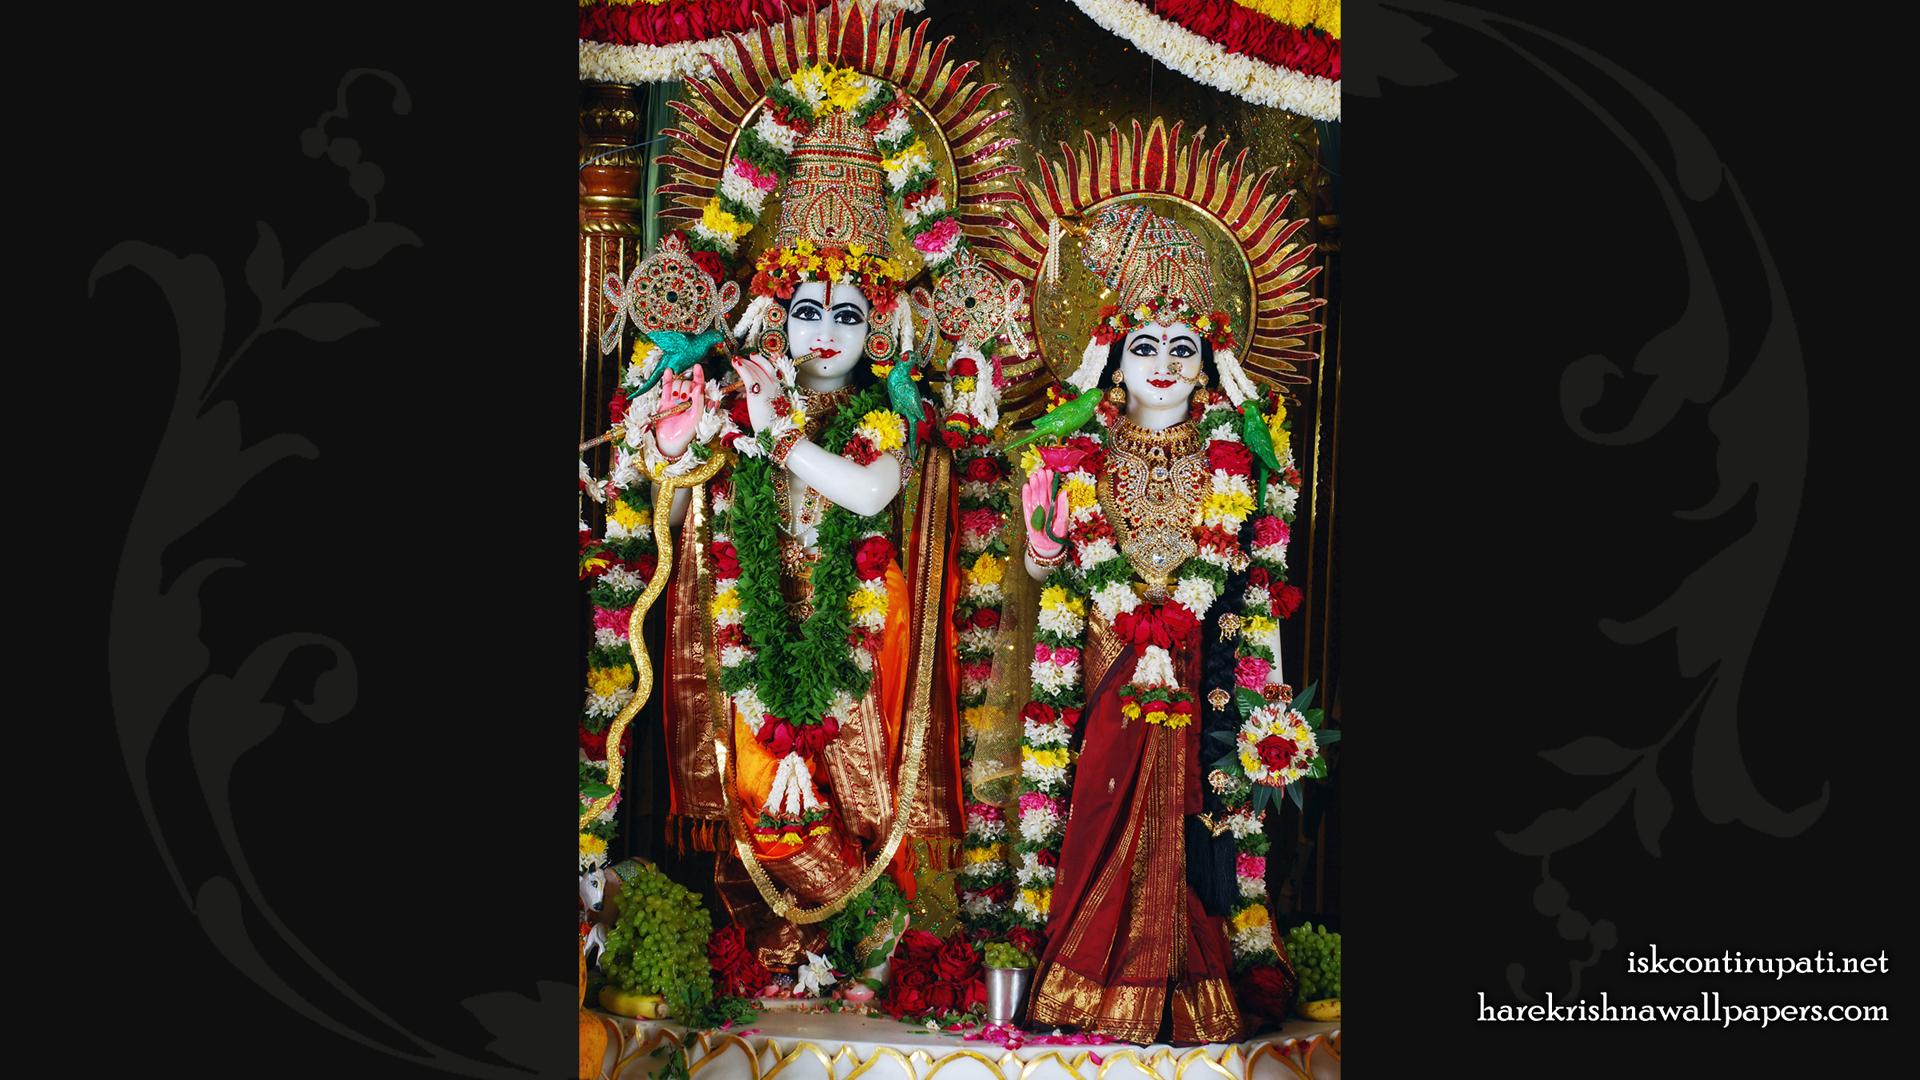 Sri Sri Radha Govinda Wallpaper (002) Size 1920x1080 Download